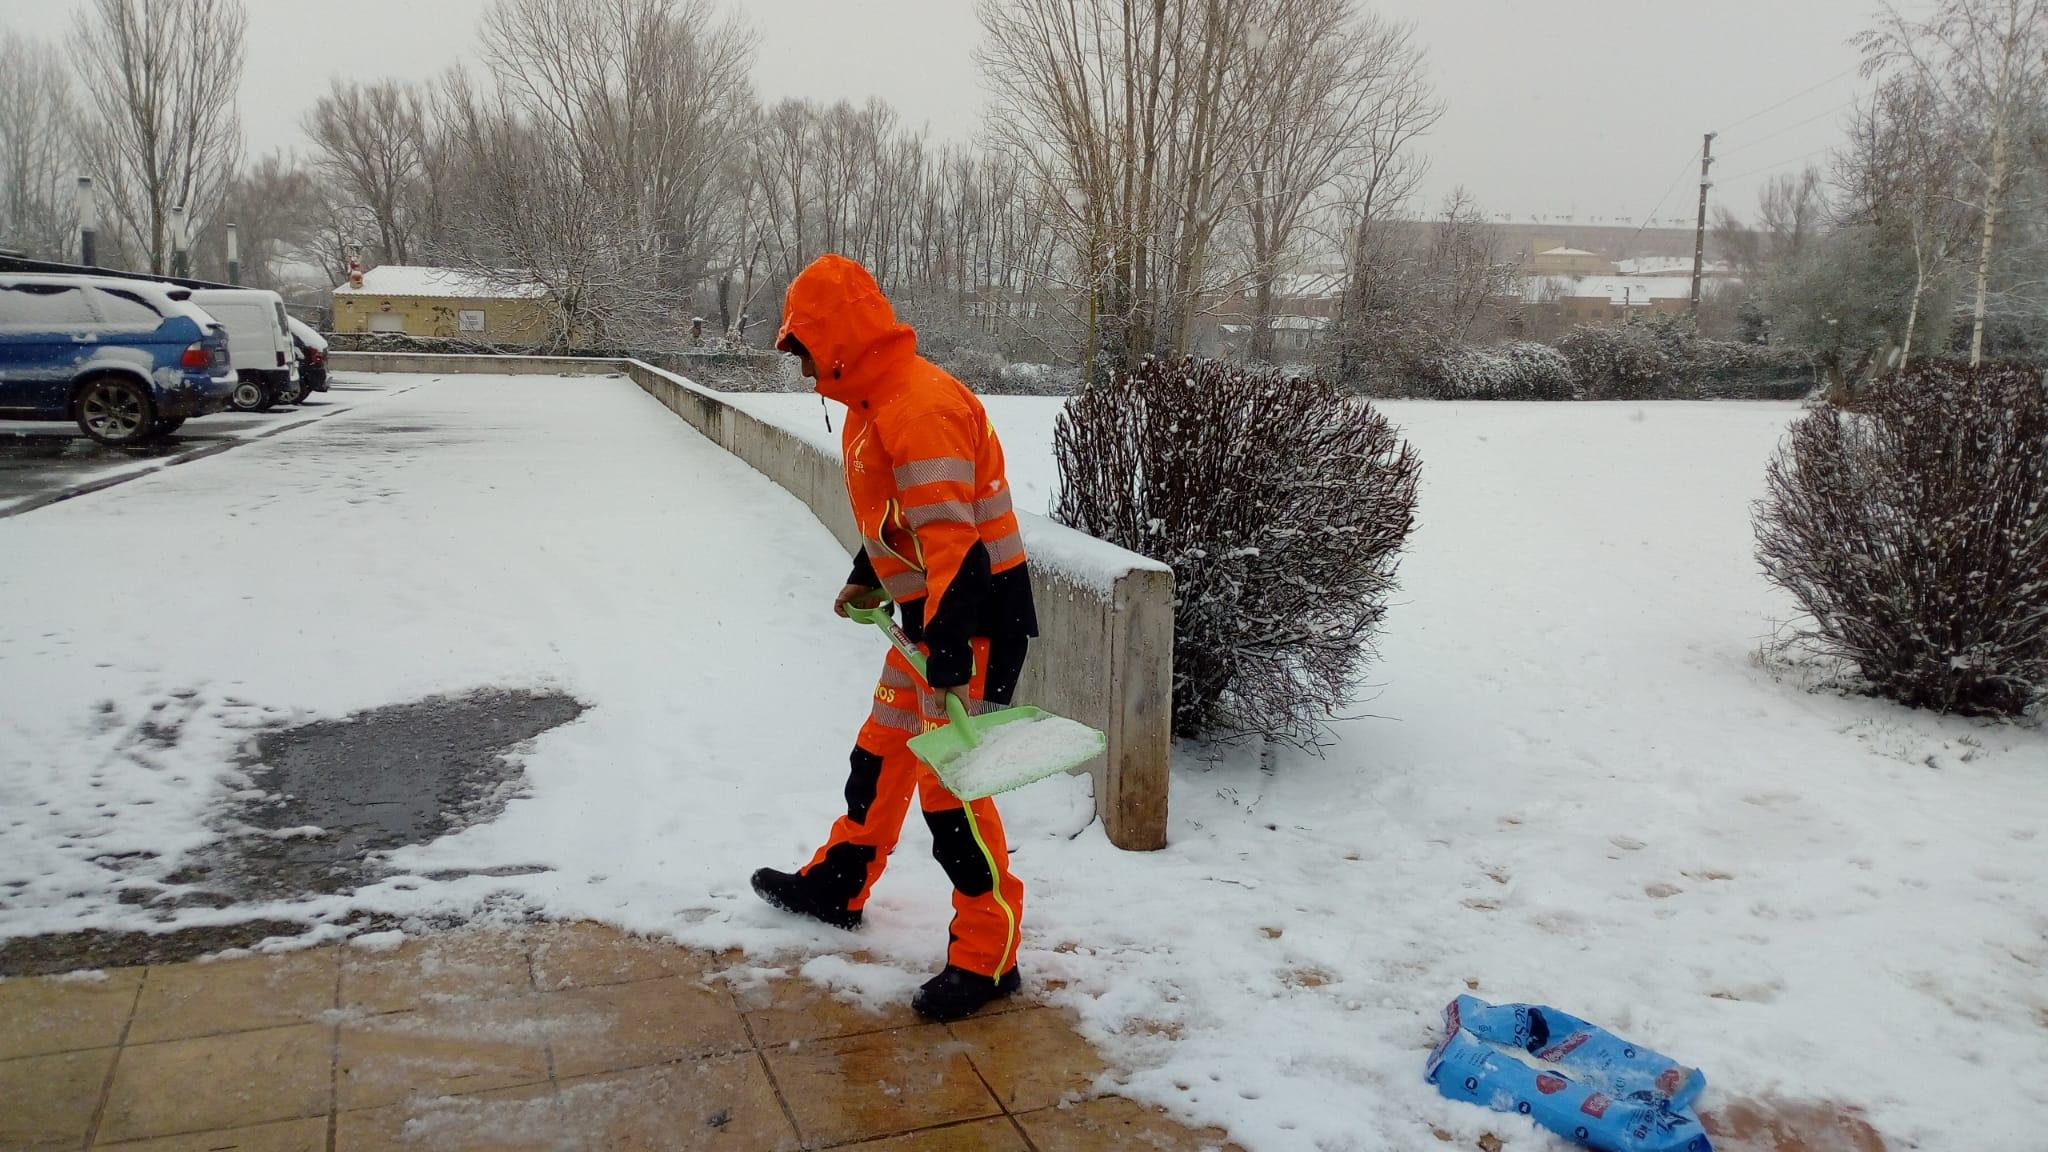 DIRECTO: 'Filomena' hace acto de presencia en La Rioja: nieve, frío y hielo 15